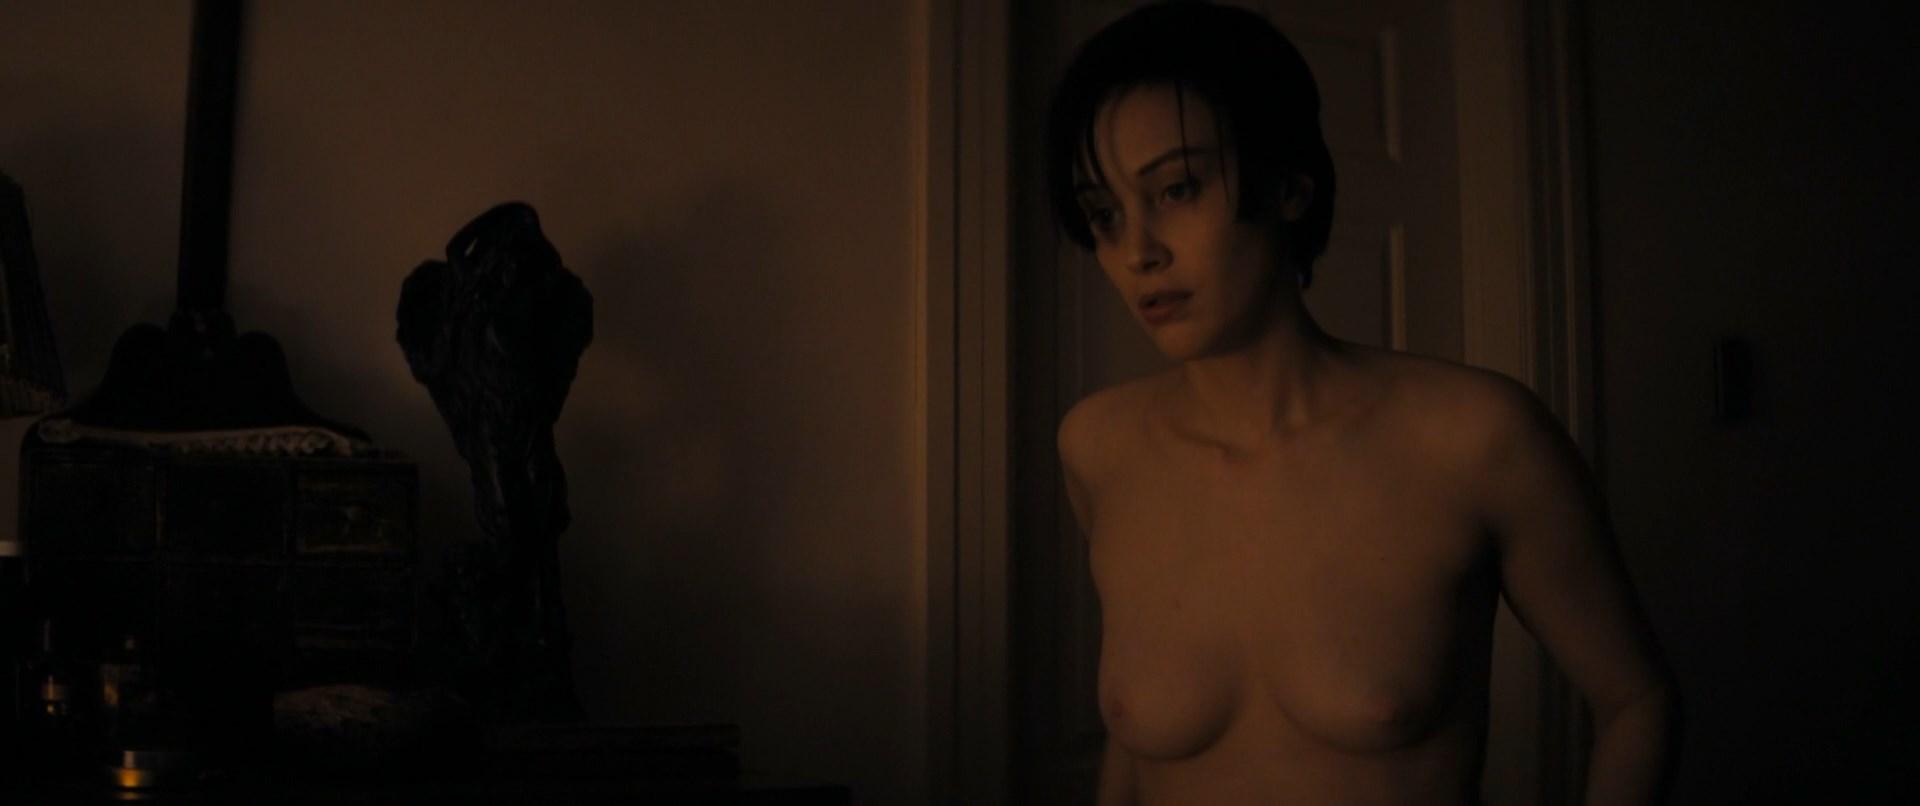 Sarah gadon naked